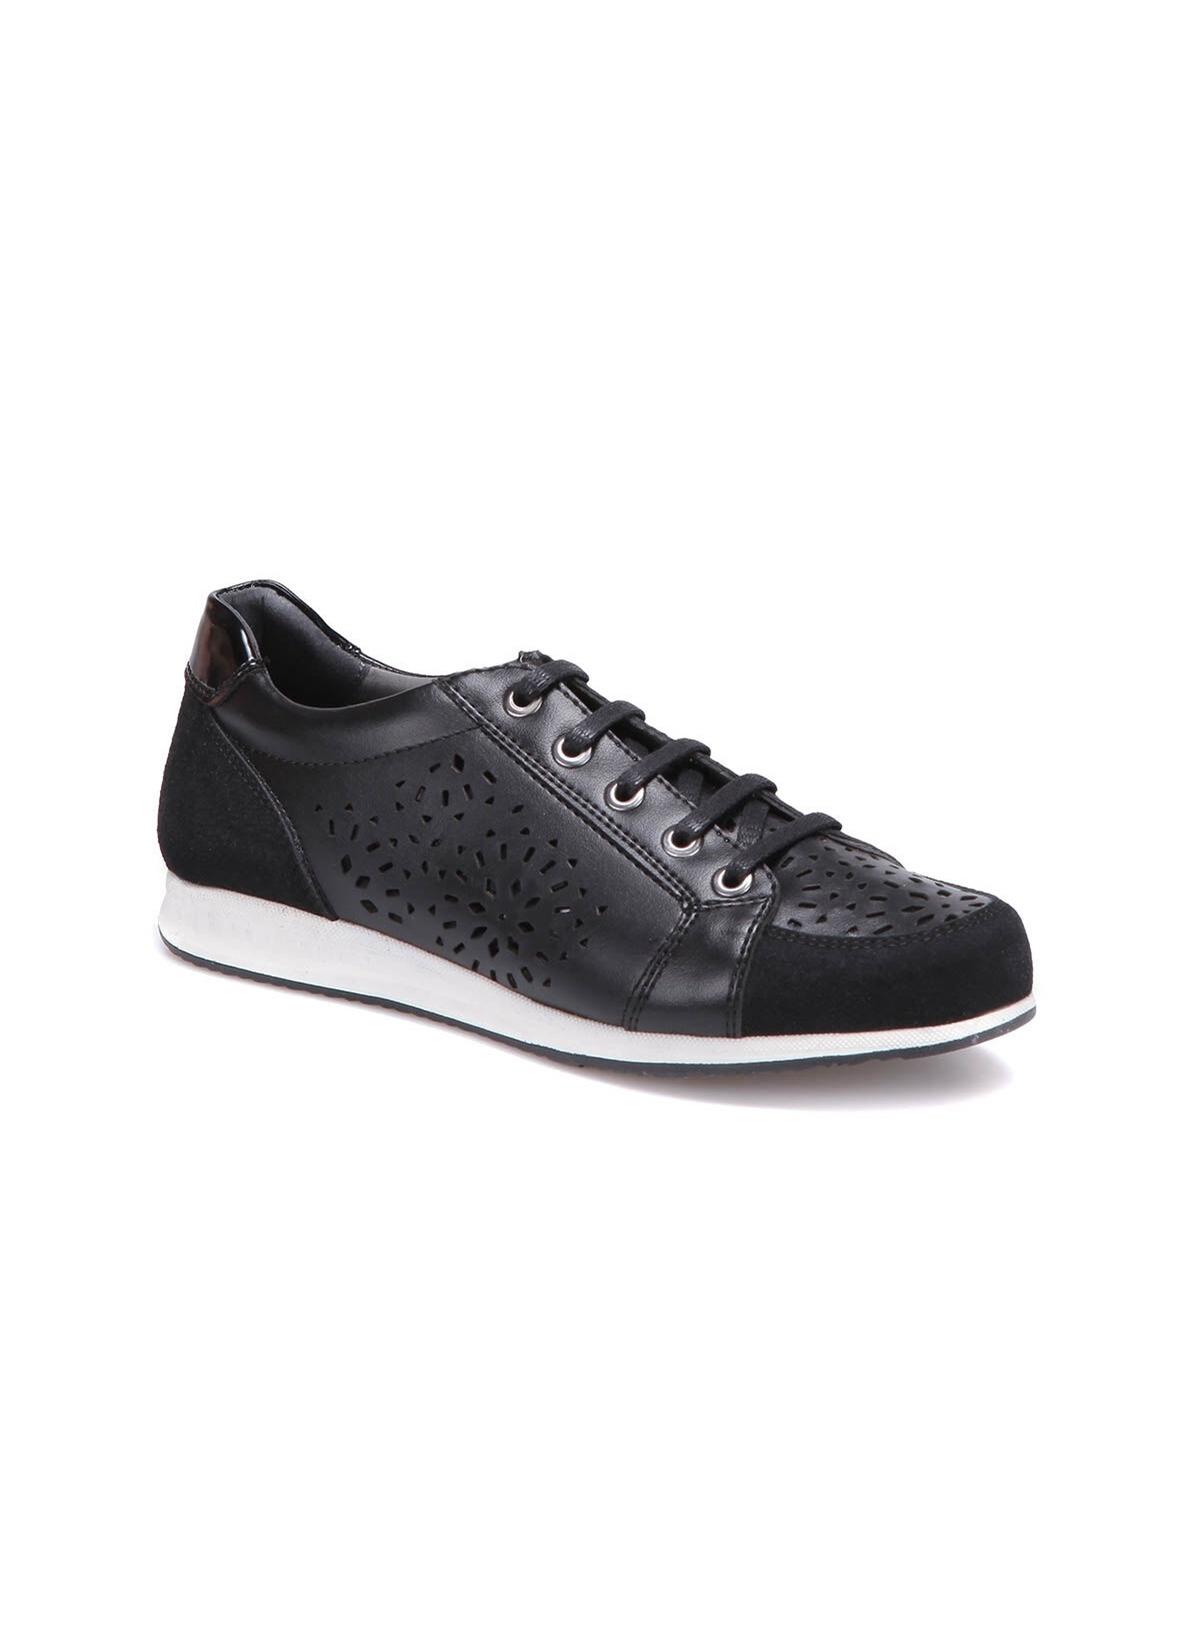 Polaris Ayakkabı 71.109748.z Basic Comfort – 53.0 TL